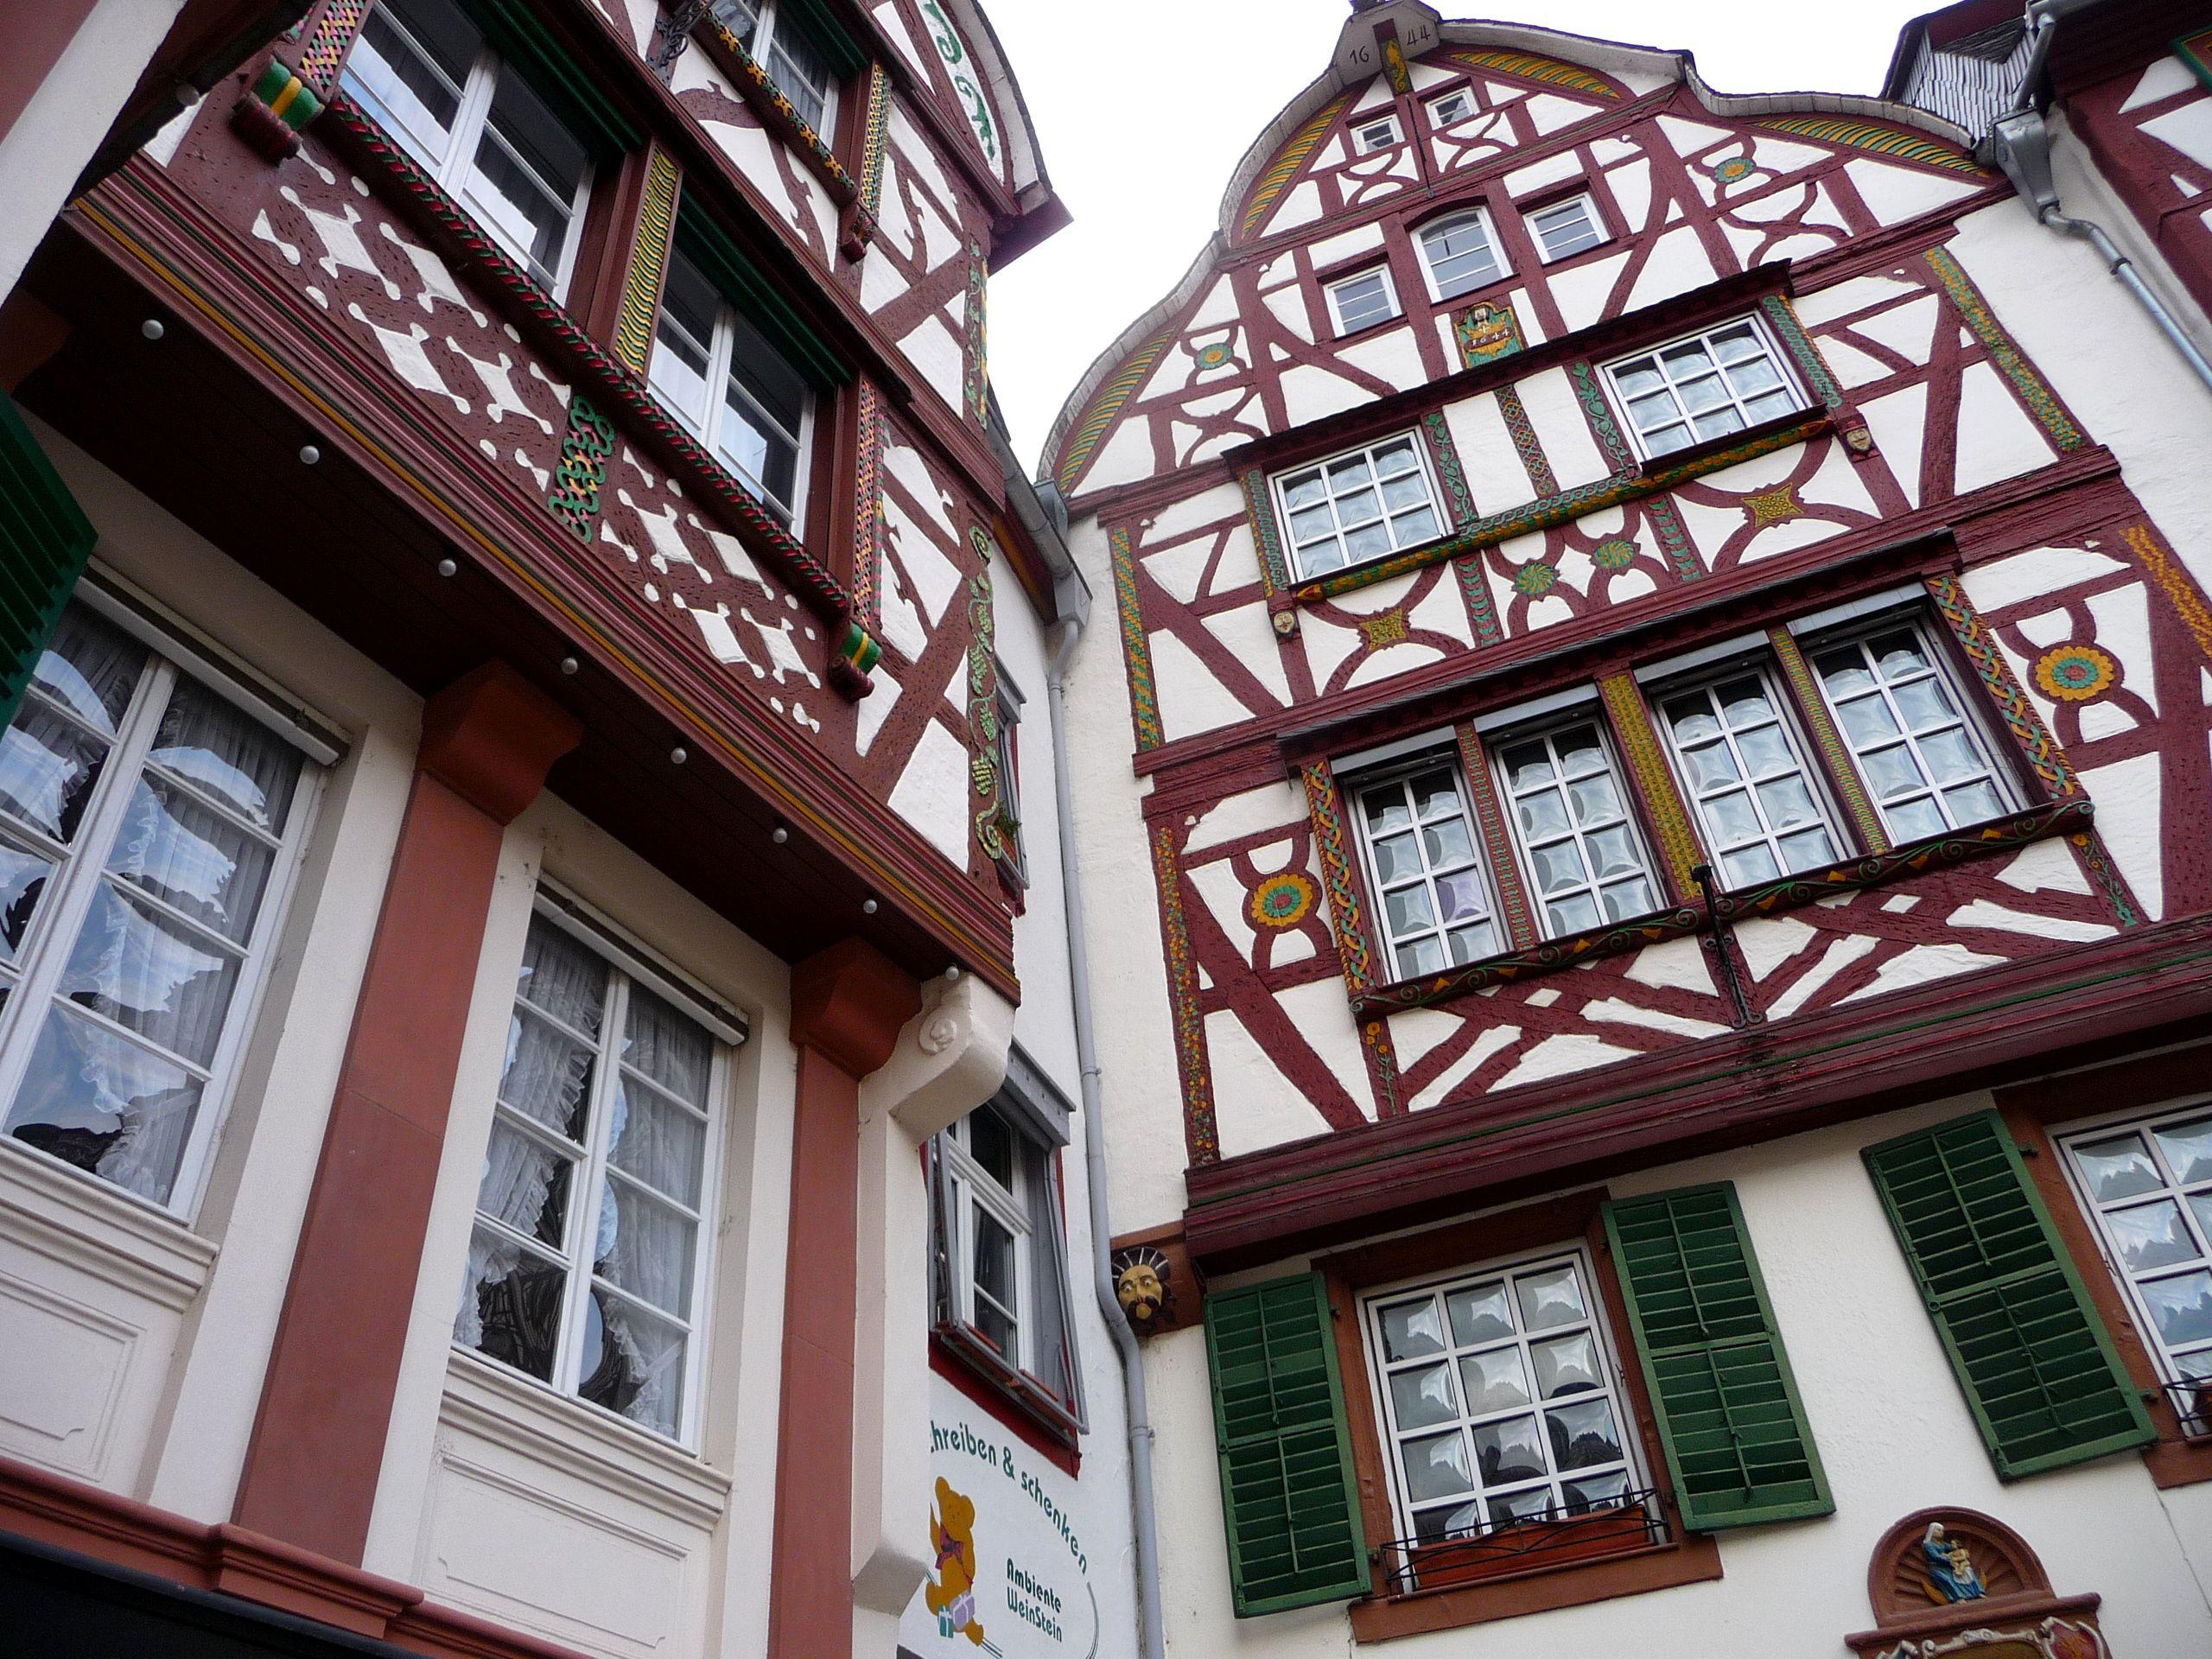 Bernkastel, Marktplatz, Fachwerk